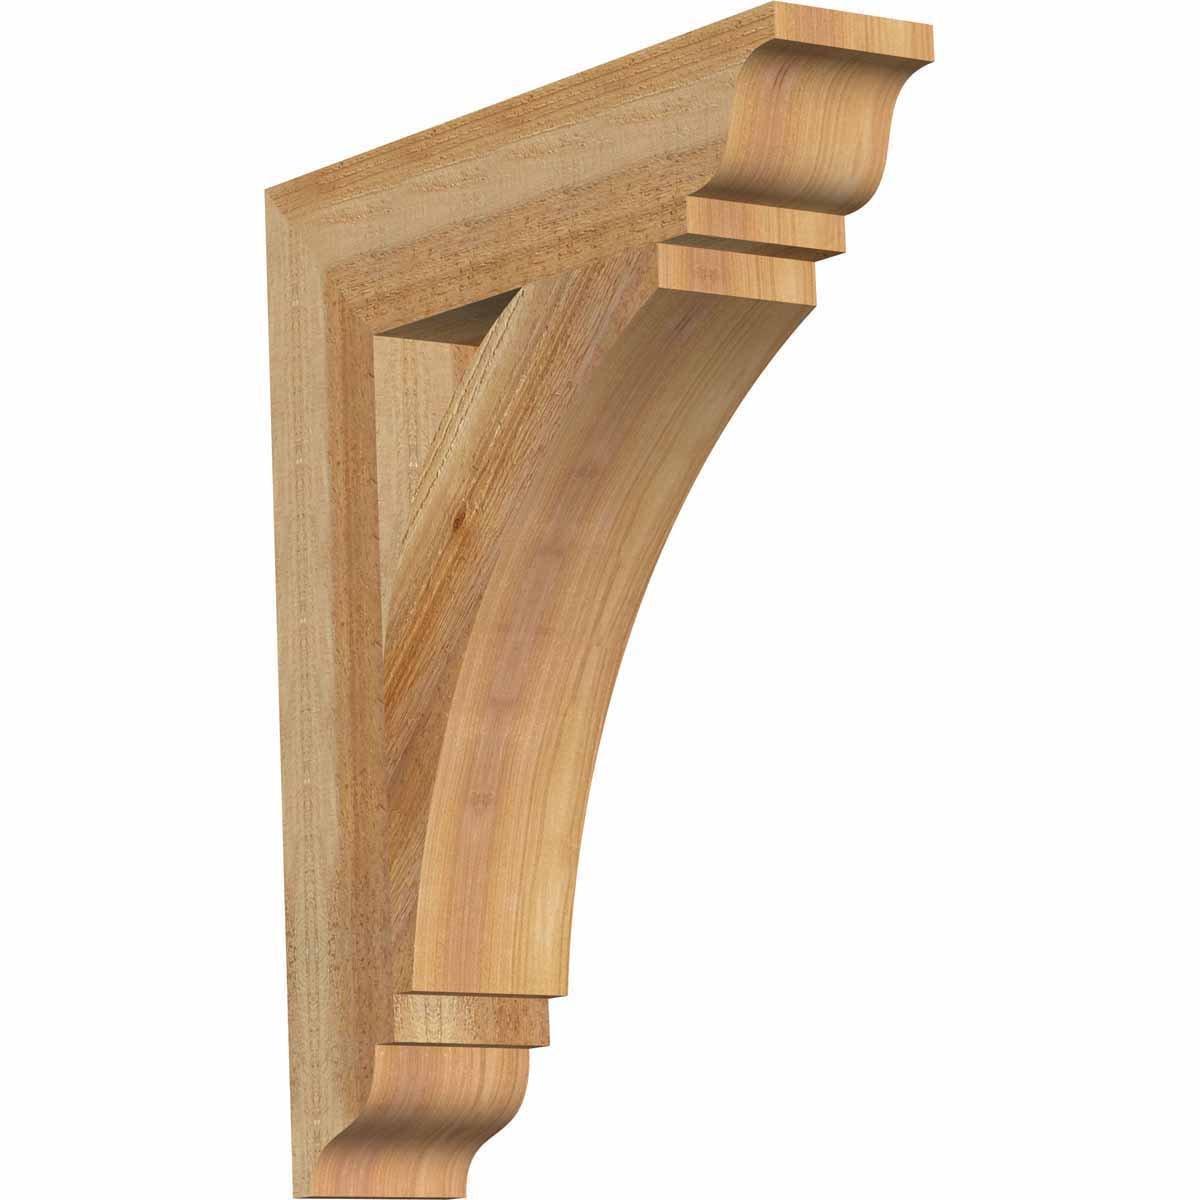 Ekena Millwork BKT04X18X22THR01RWR Thorton Traditional Rough Sawn Bracket, 4'' Width x 18'' Depth x 22'' Height, Western Red Cedar